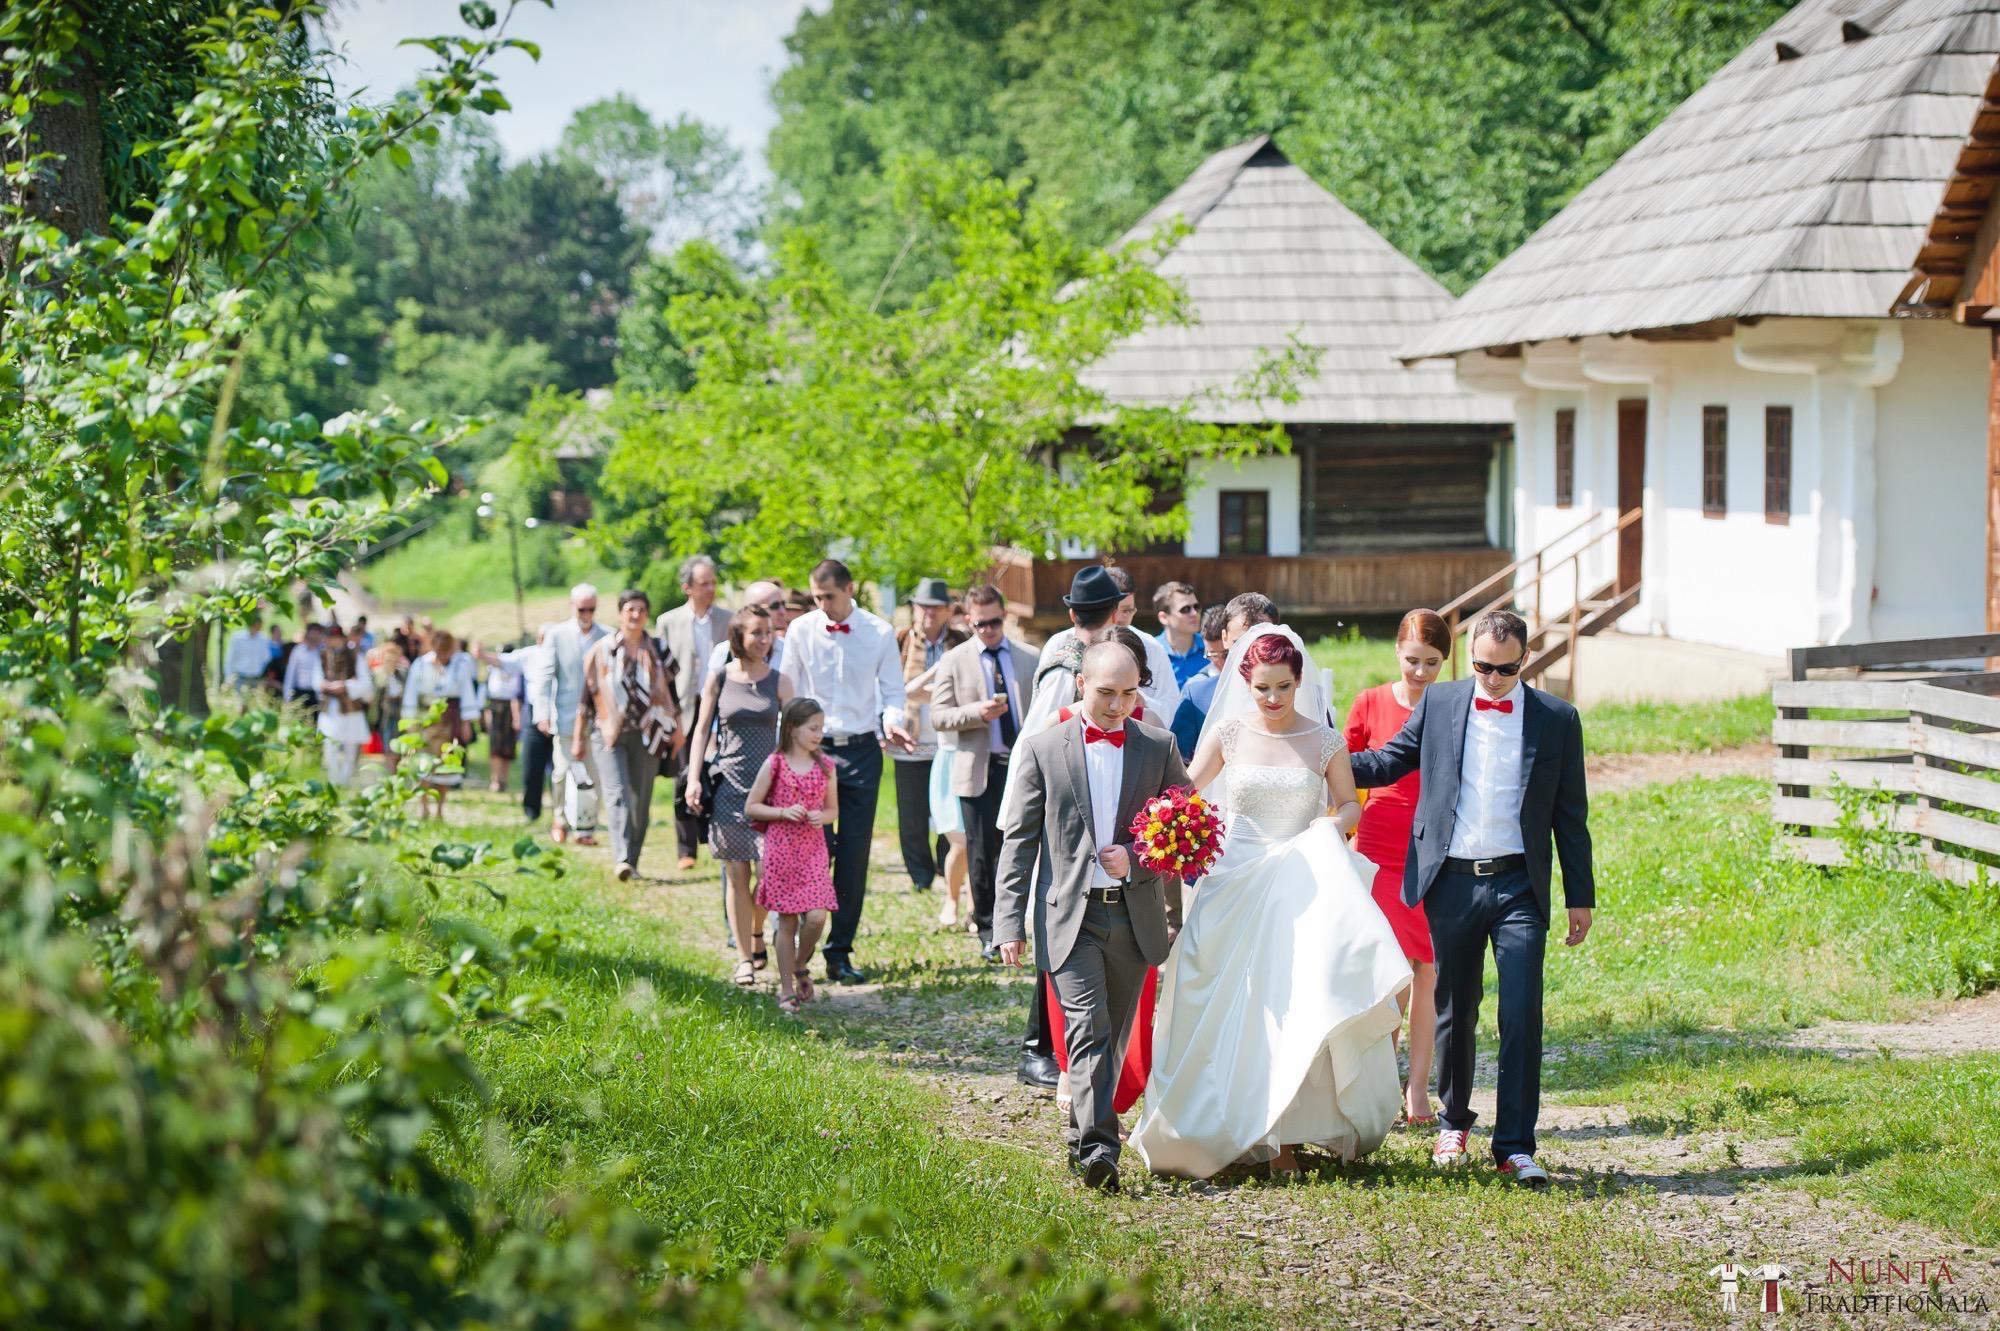 Povești Nunți Tradiționale - Gabriela și Mădălin - Nuntă Tradițională în Suceava, Bucovina 63